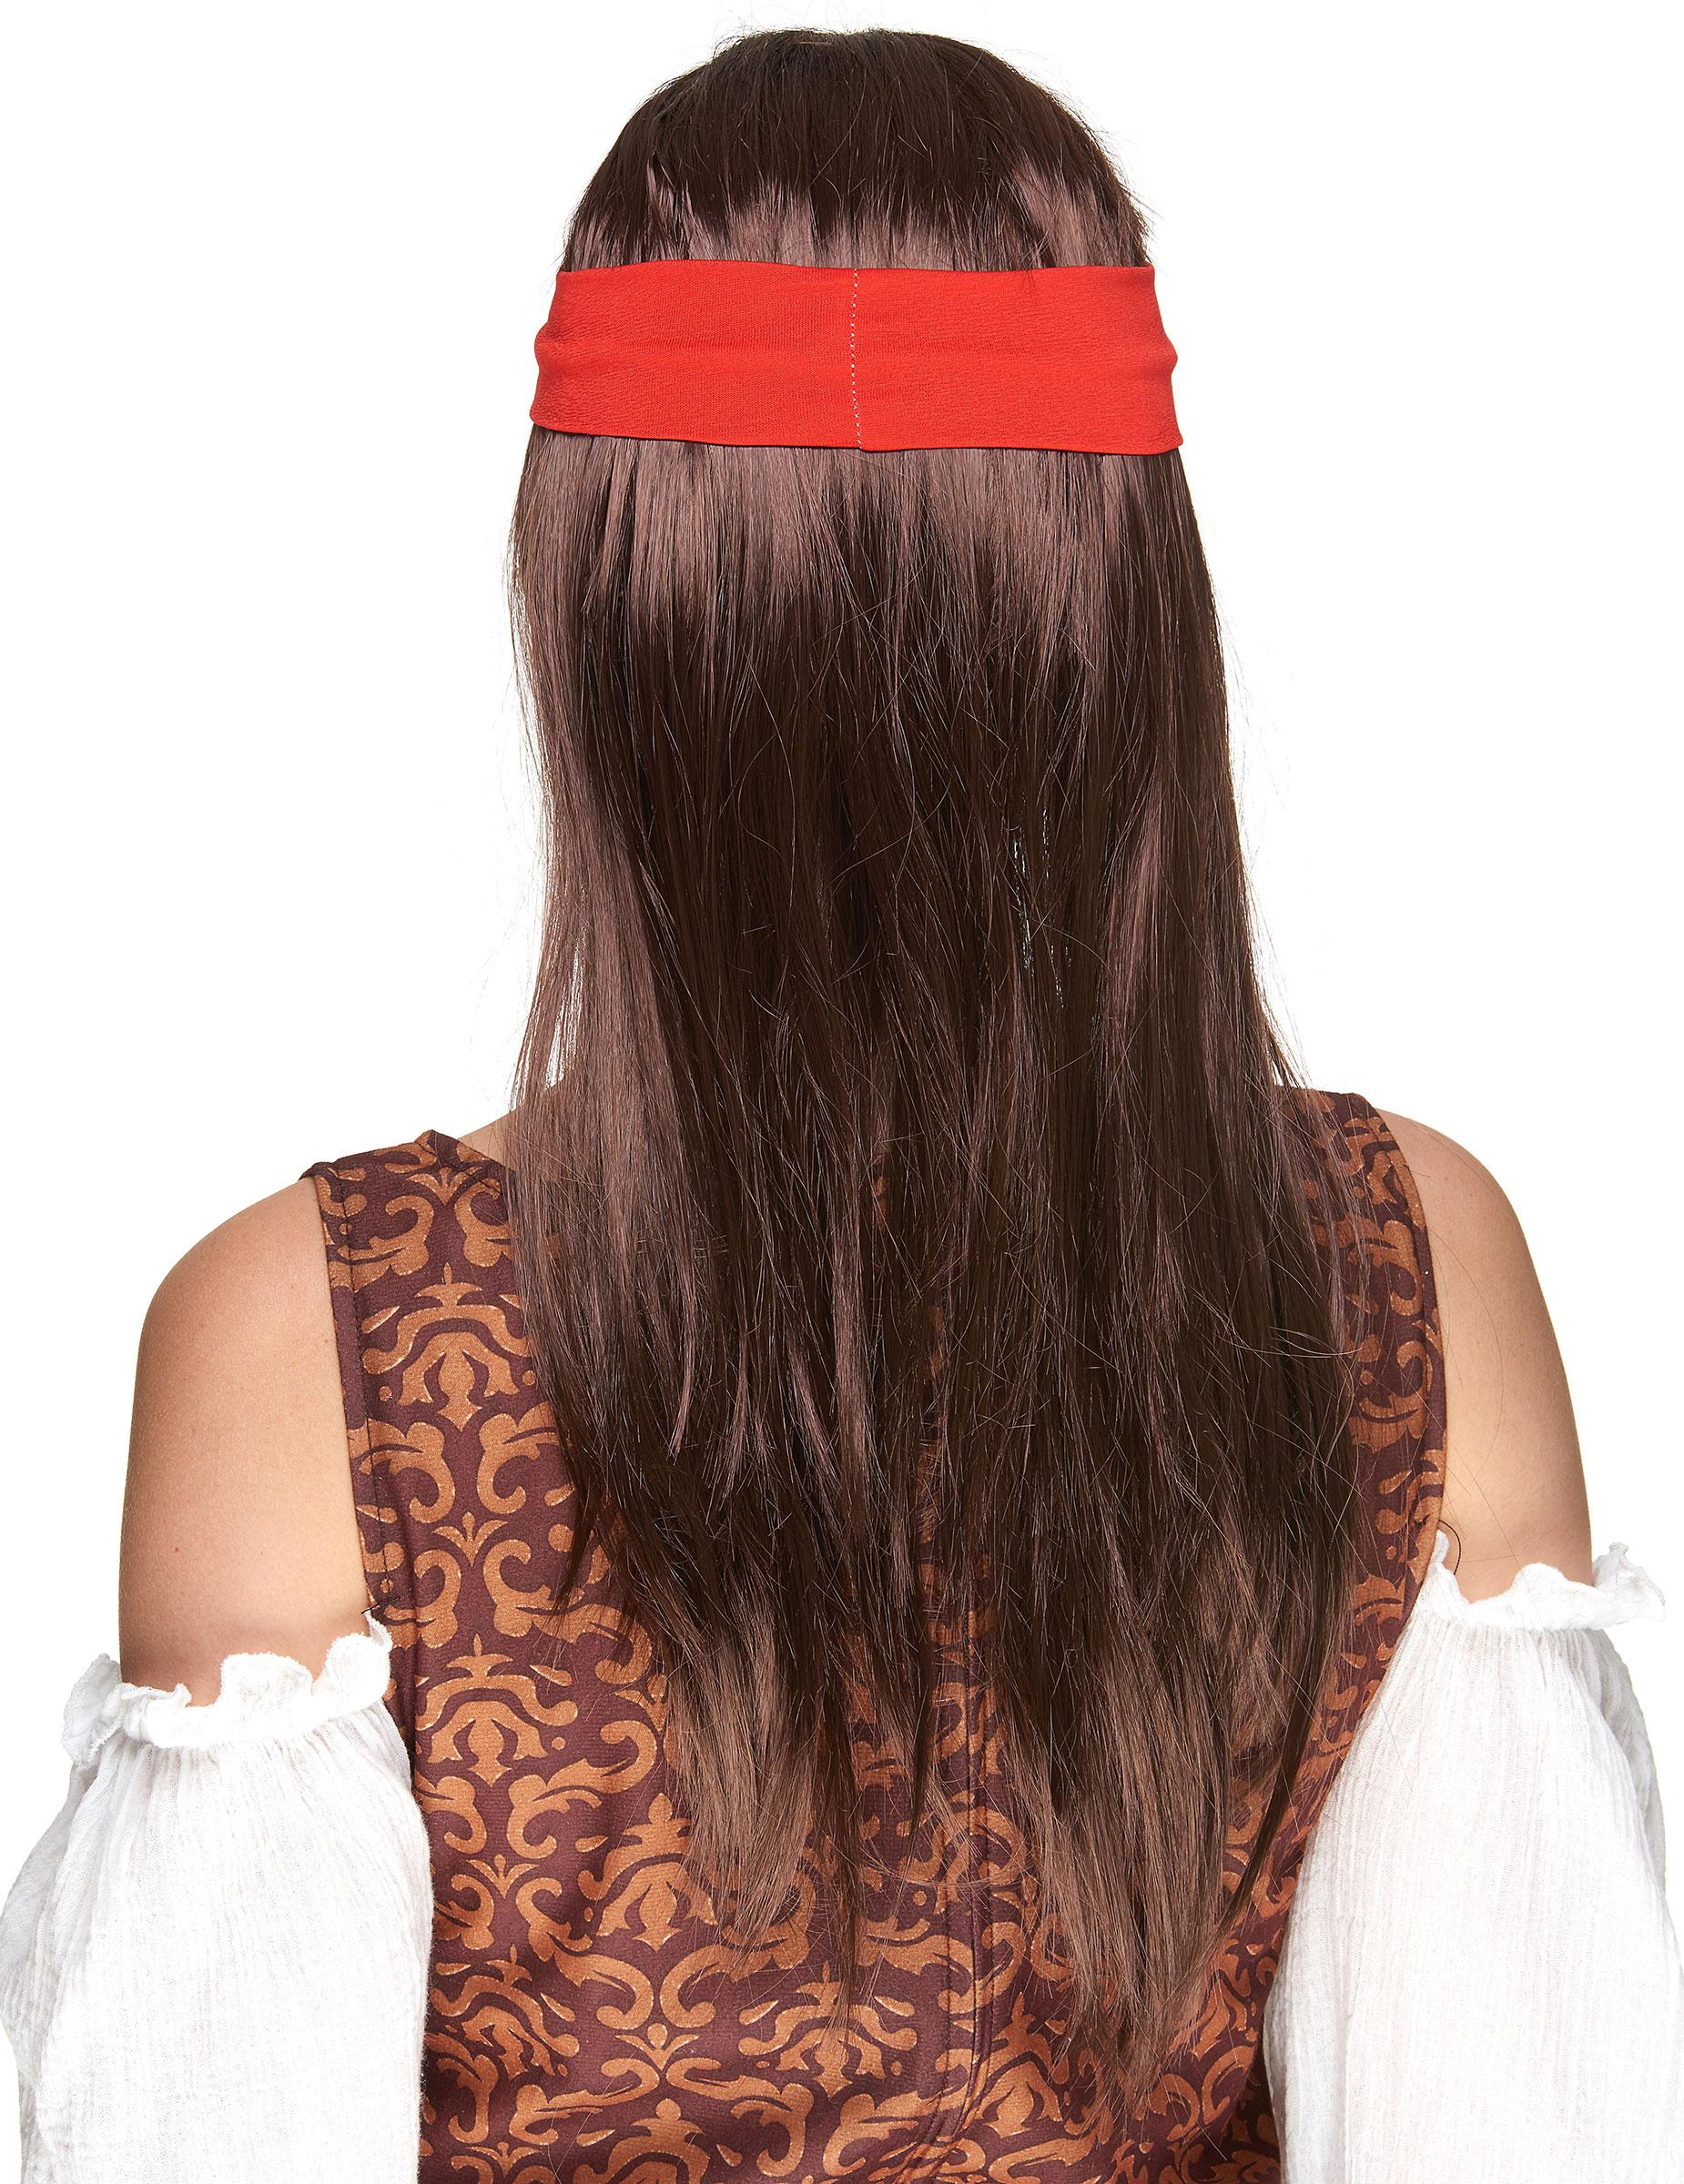 perruque pirate avec bandana rouge homme d coration anniversaire et f tes th me sur vegaoo party. Black Bedroom Furniture Sets. Home Design Ideas